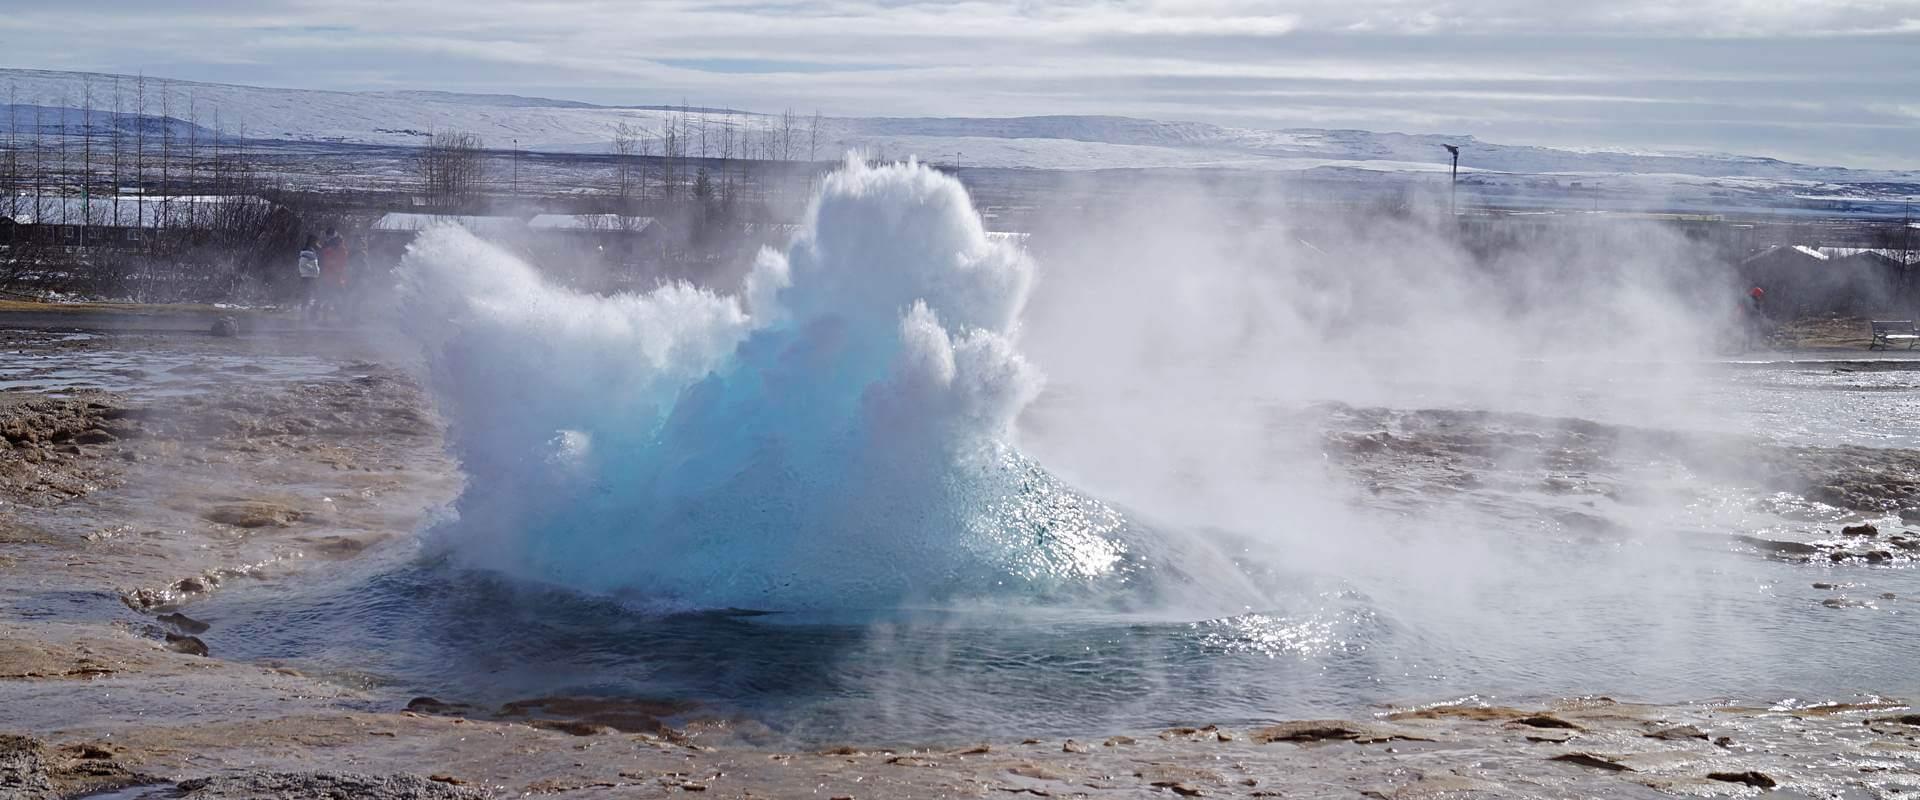 Gullfoss, Þingvellir und Geysir – der Golden Circle im Schnee